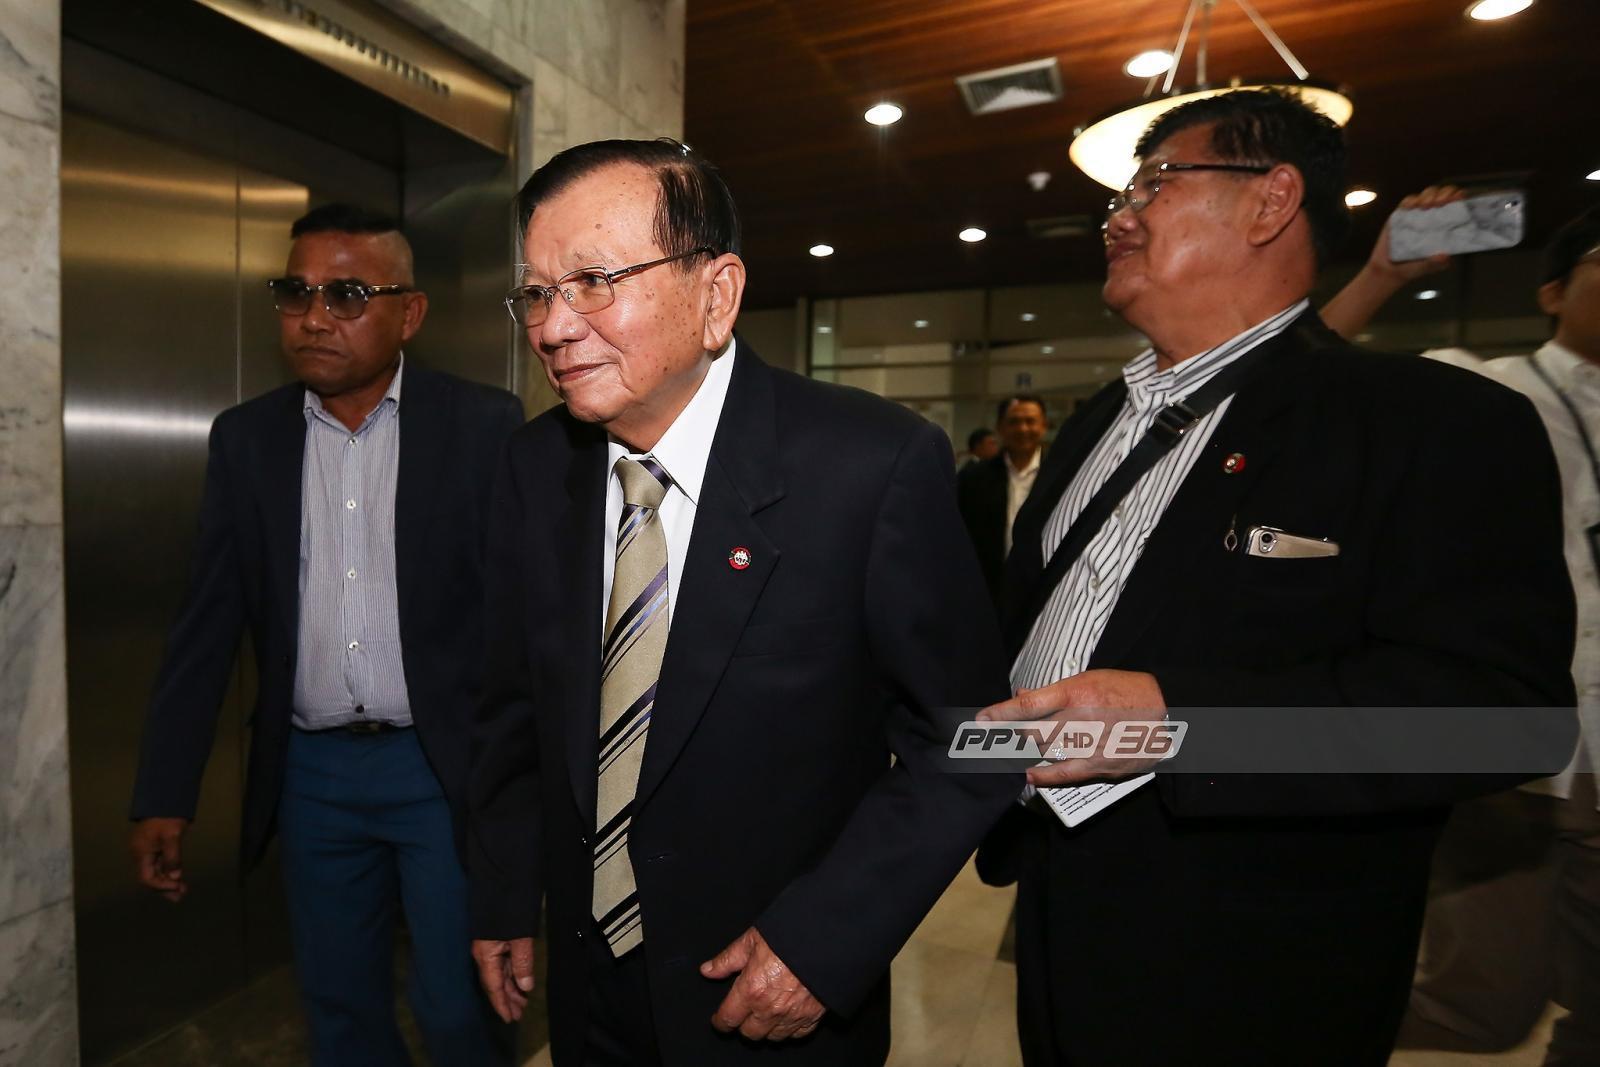 """""""เสนาะ เทียนทอง"""" ขอเพื่อไทยสู้เลือกตั้ง62 มั่นใจได้ 200 เสียง"""